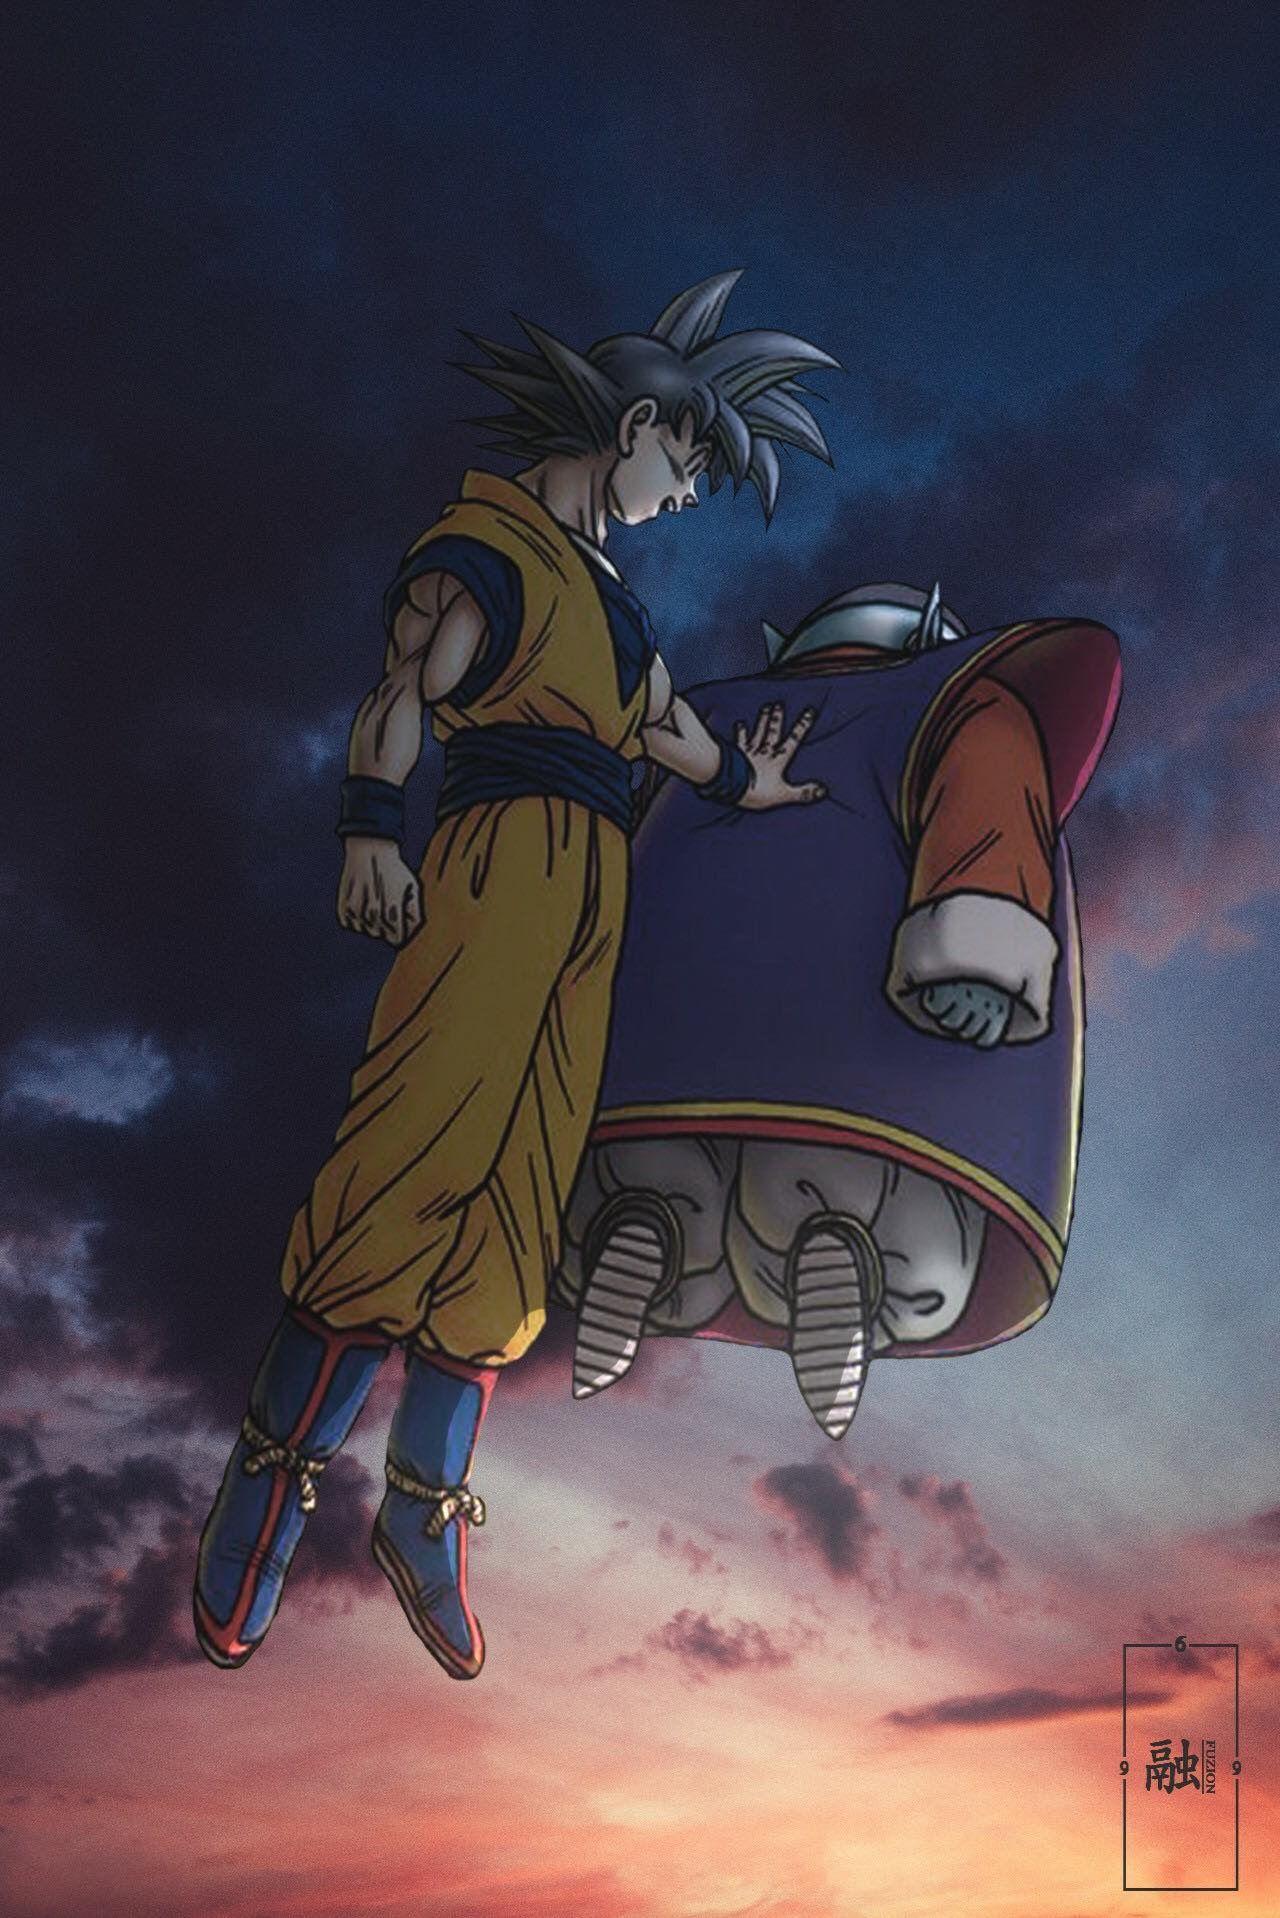 Goku With King Kai With Images Dragon Ball Super Manga Dragon